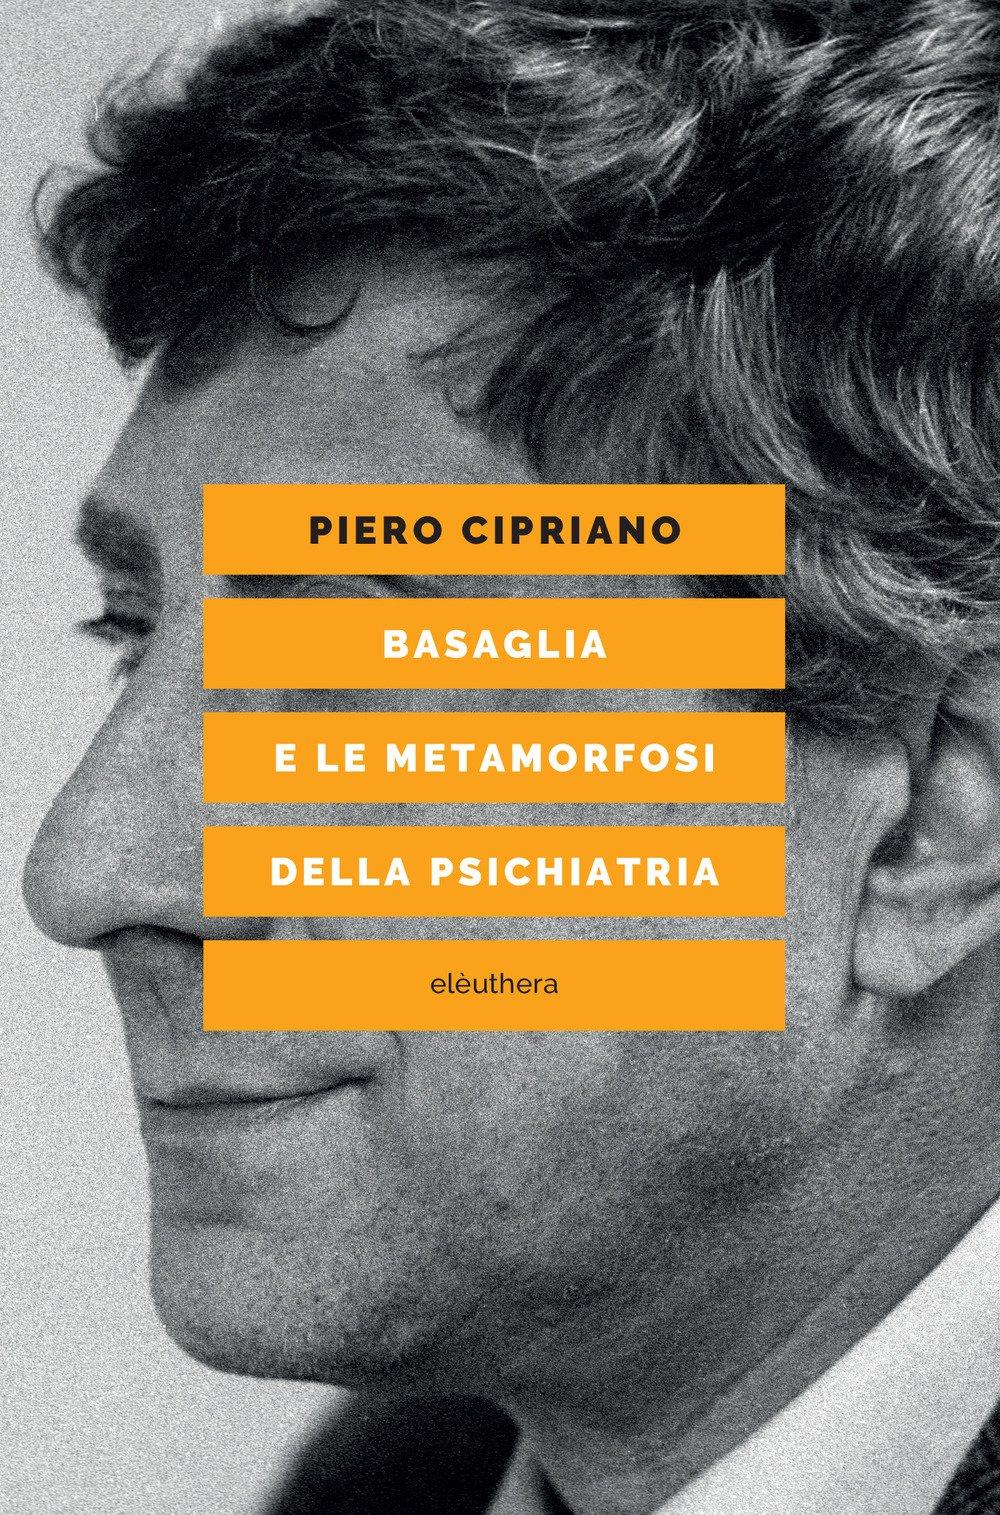 Piero Cipriano - Basaglia e le metamorfosi della psichiatria (2018).